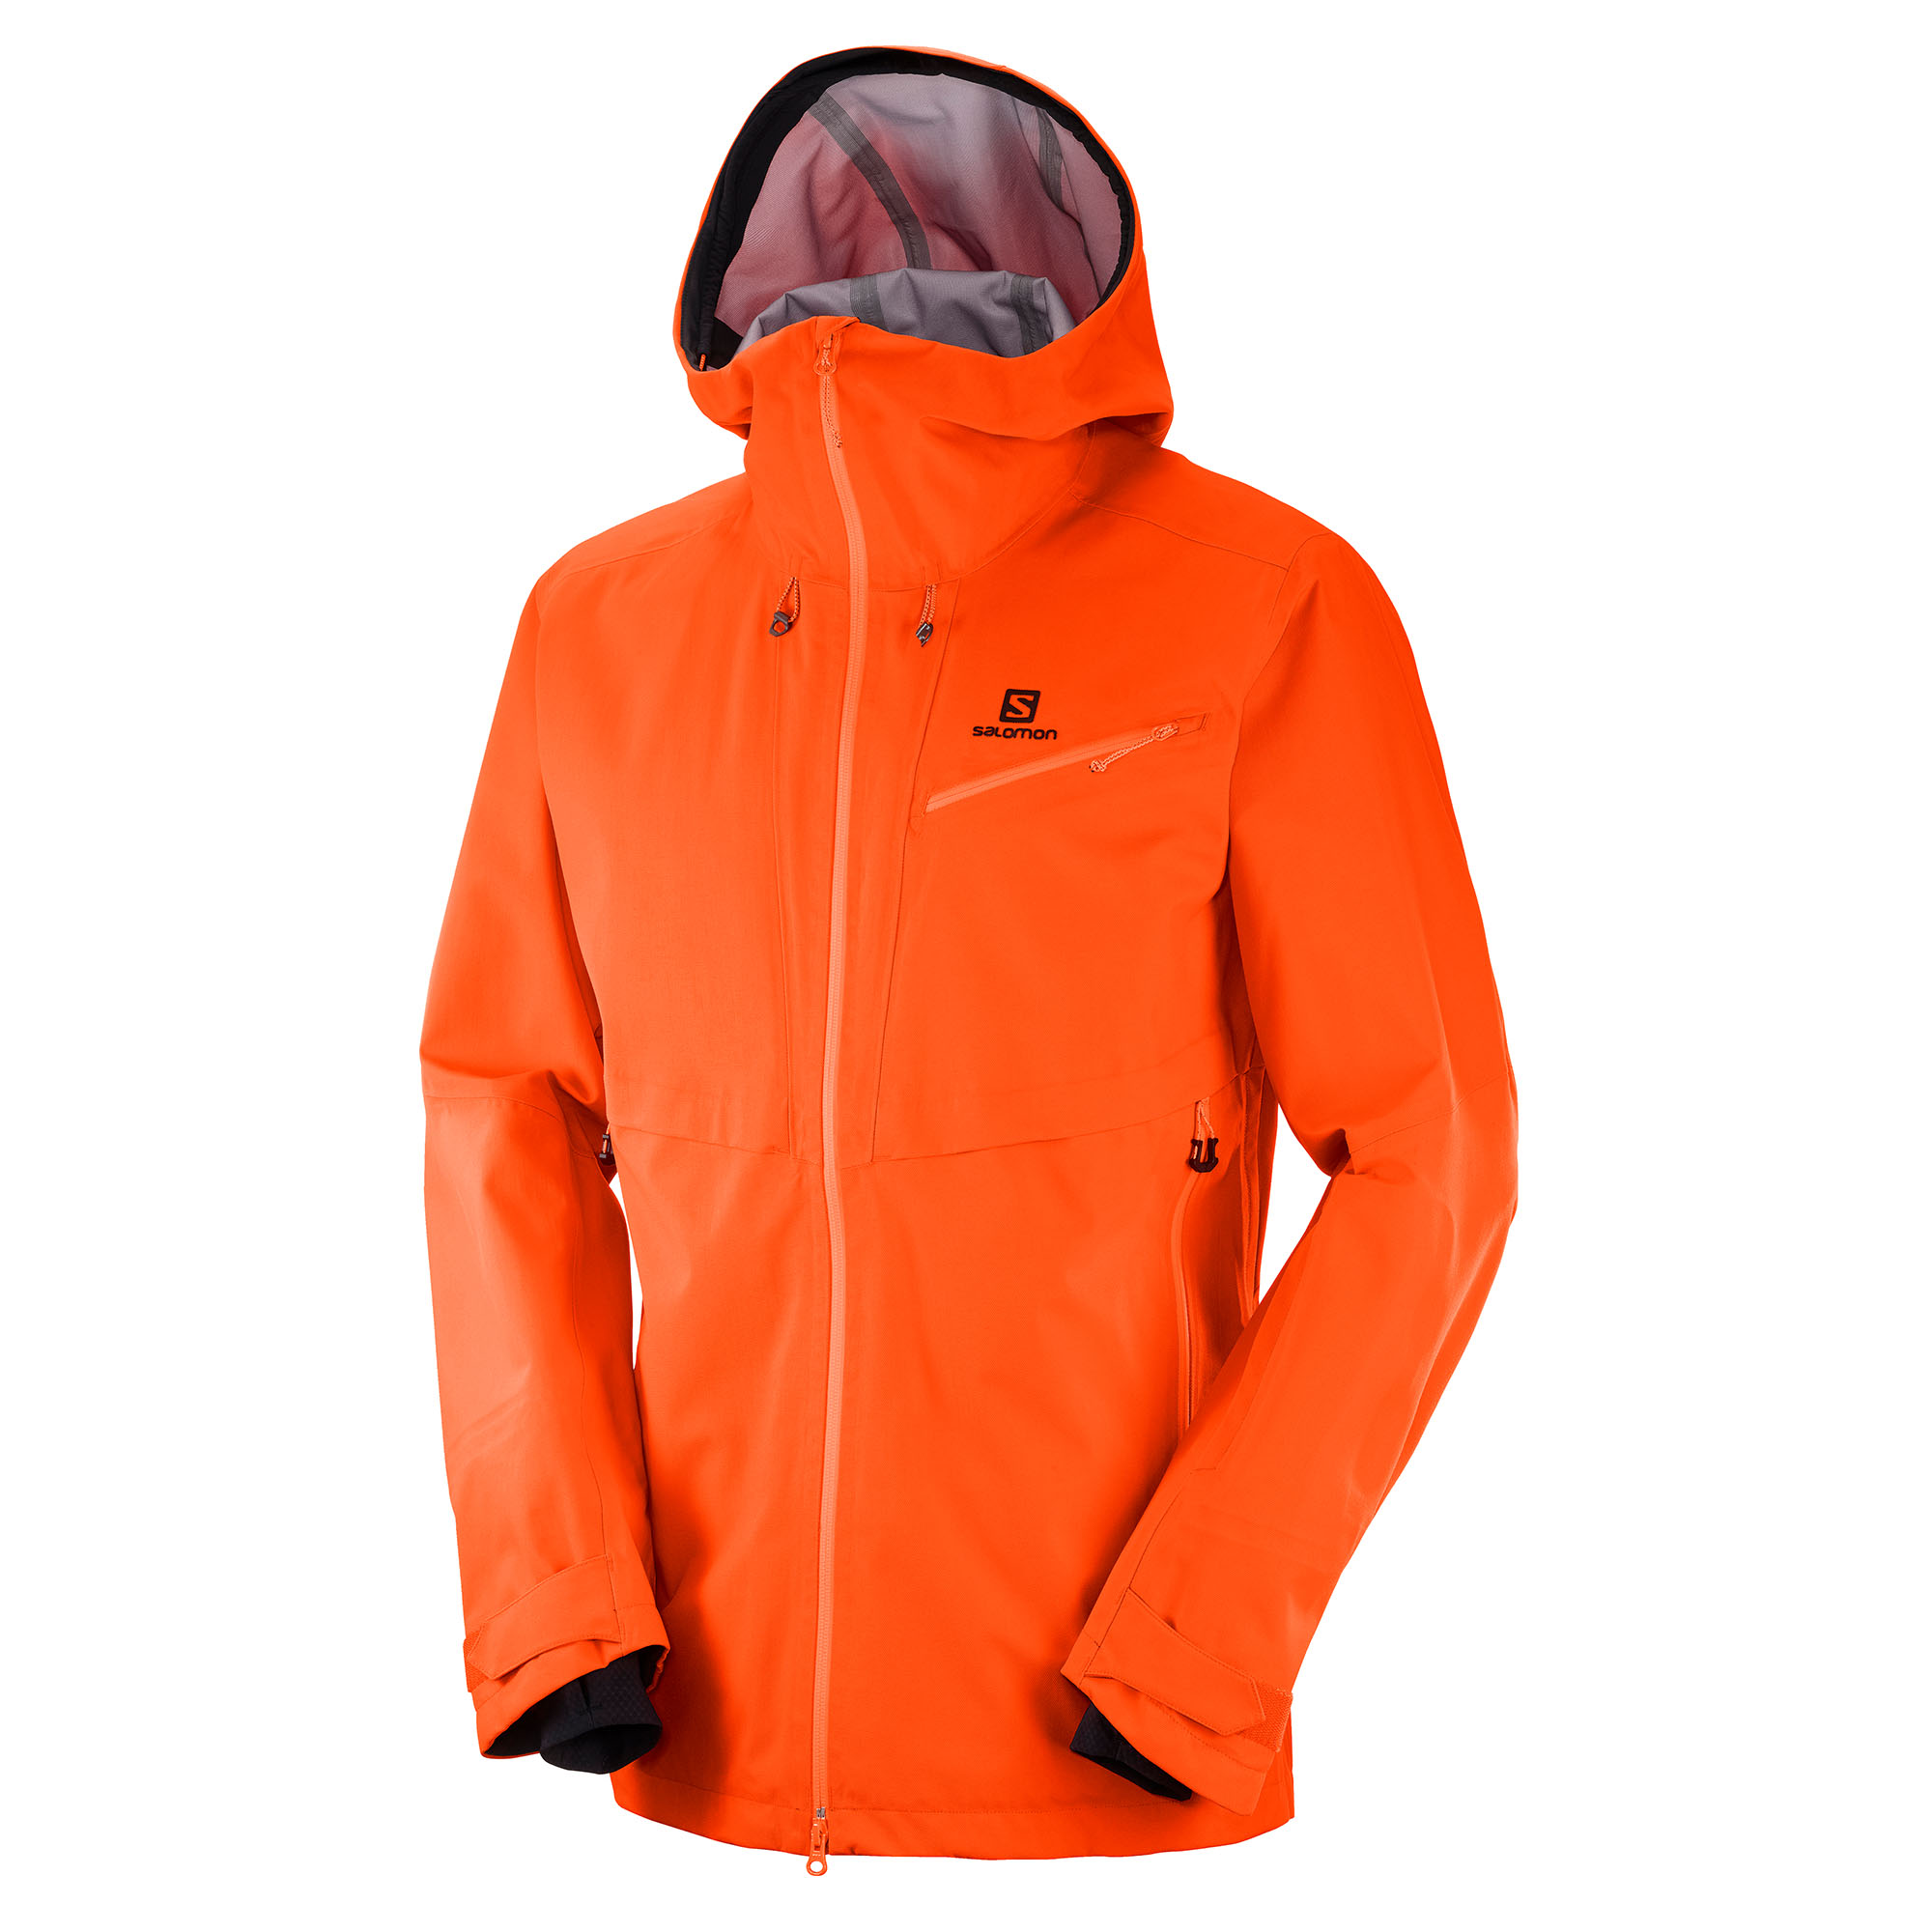 a8177a9adb72 Salomon Men s Qst Guard 3l Ski Jacket - Sun   Ski Sports